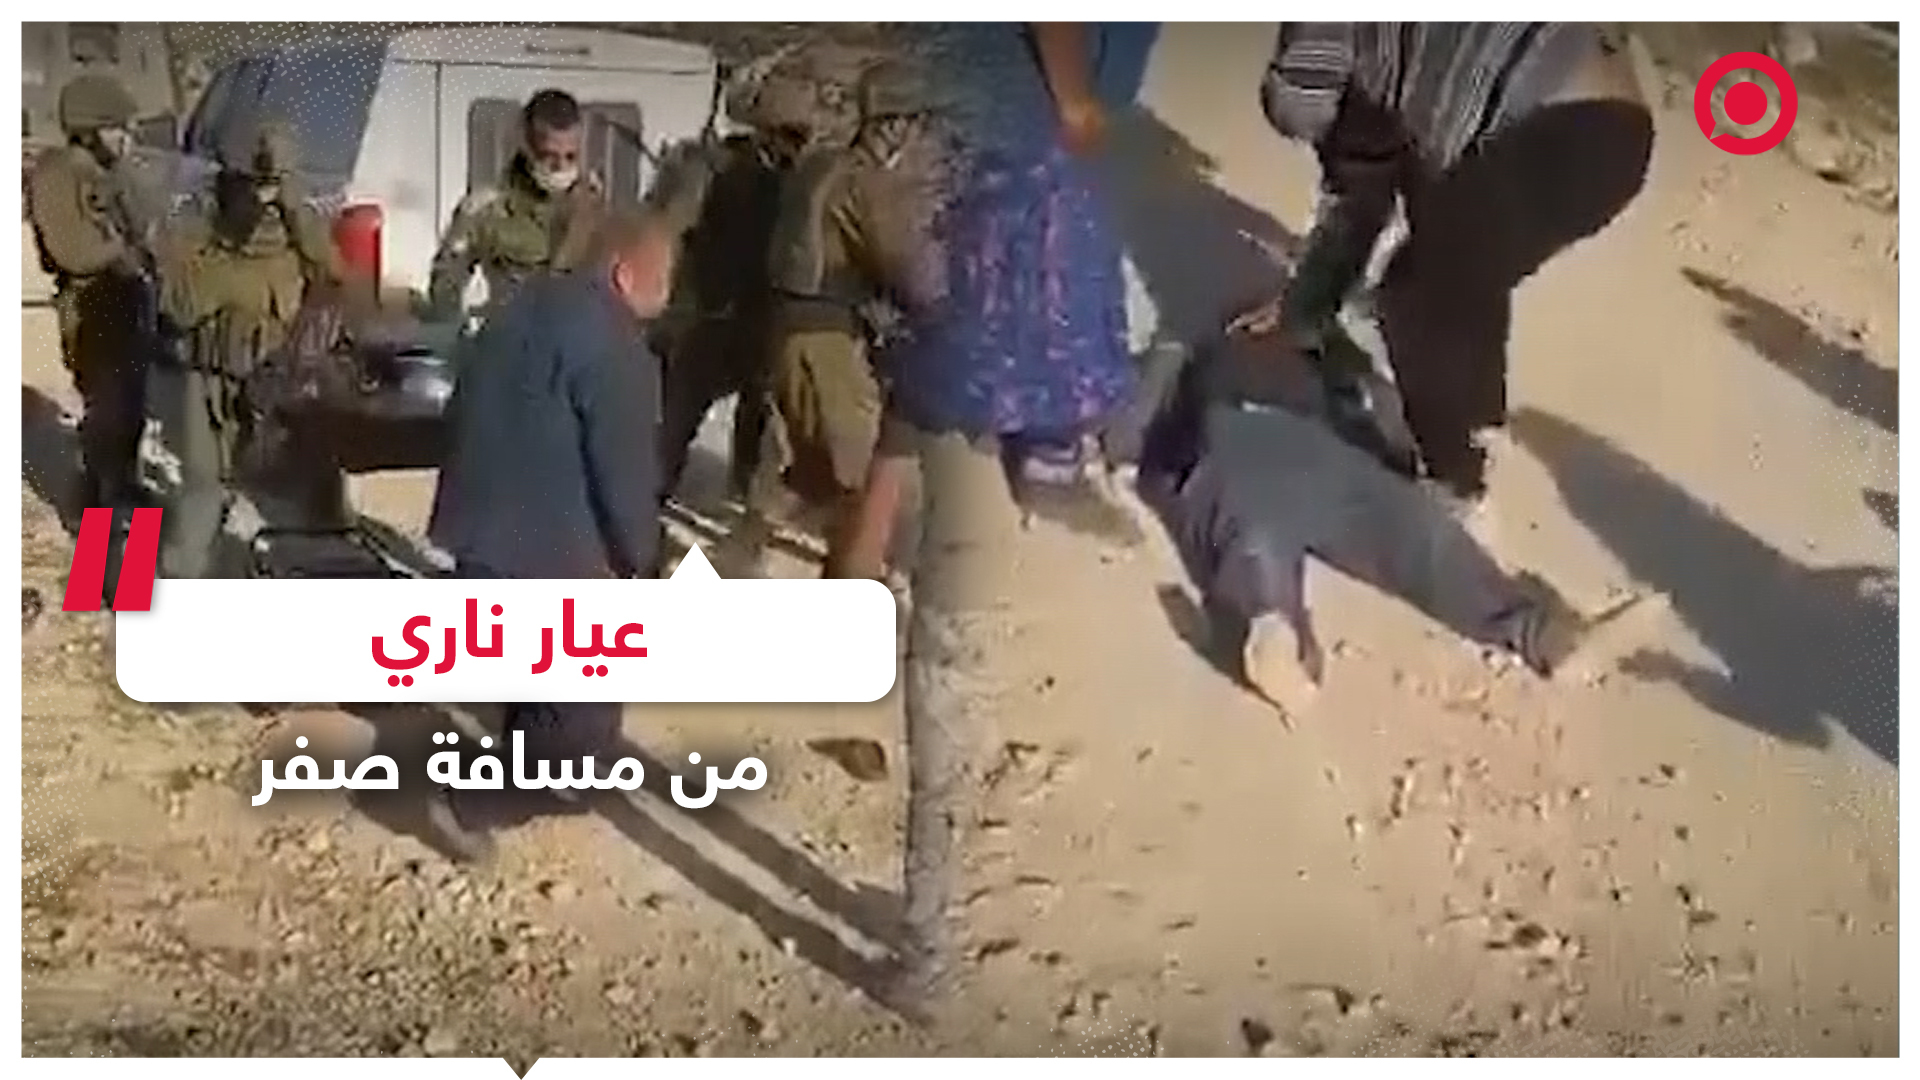 الجيش الإسرائيلي يطلق النار على مواطن فلسطيني من مسافة صفر